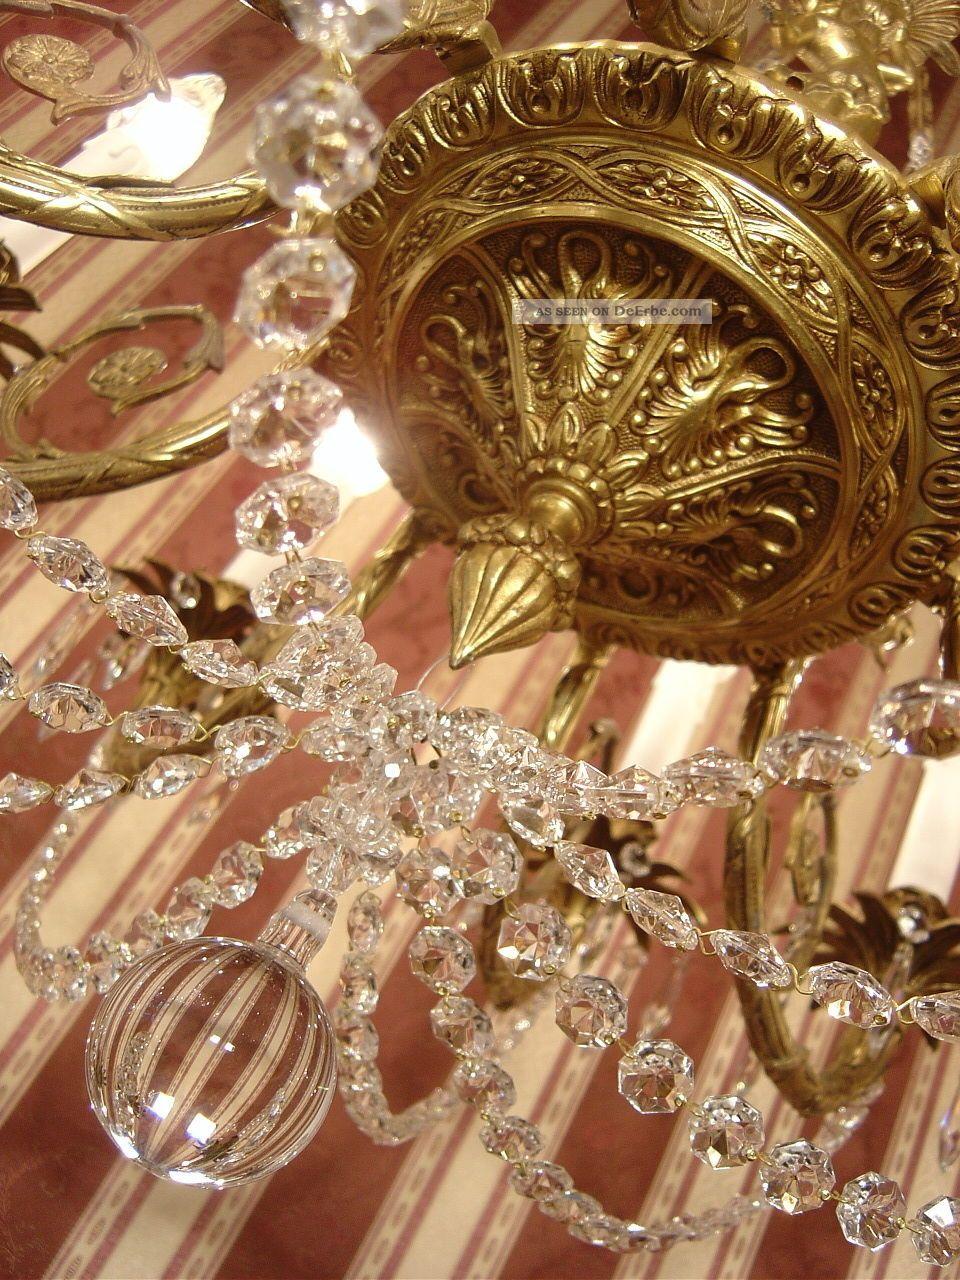 8 fl l ster kronleuchter gold bronze alte lampe gro e putten messing antik. Black Bedroom Furniture Sets. Home Design Ideas